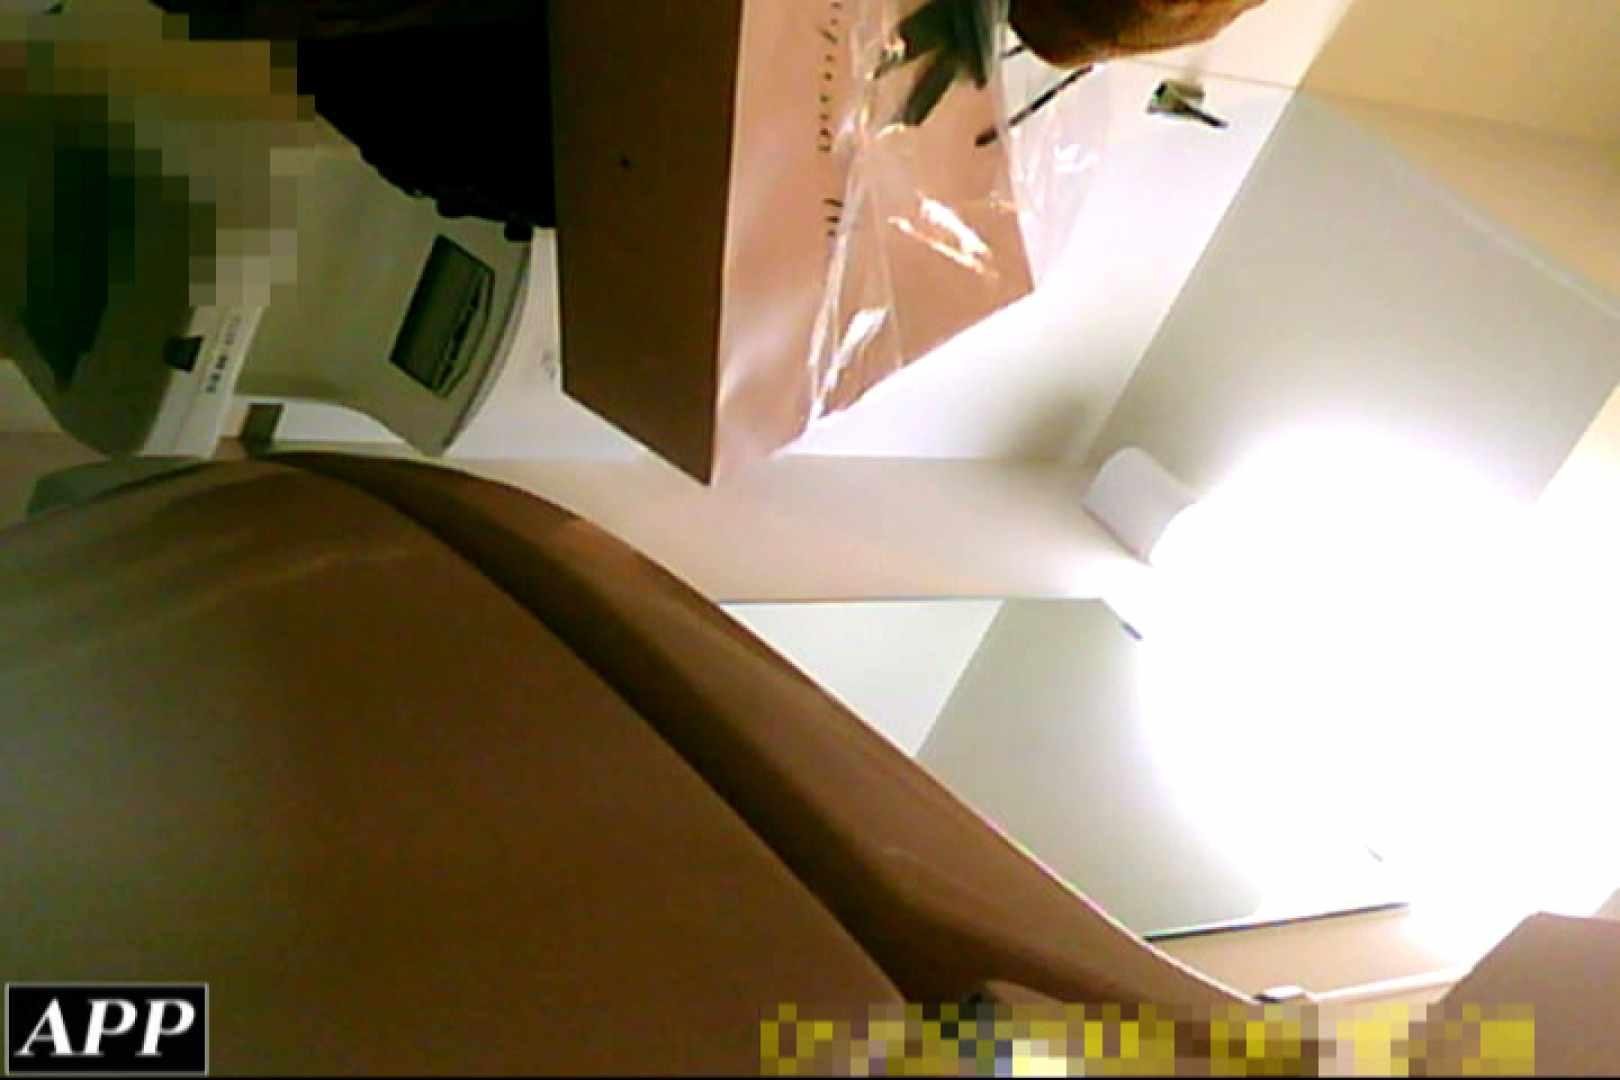 3視点洗面所 vol.01 洗面所のぞき 濡れ場動画紹介 109枚 60